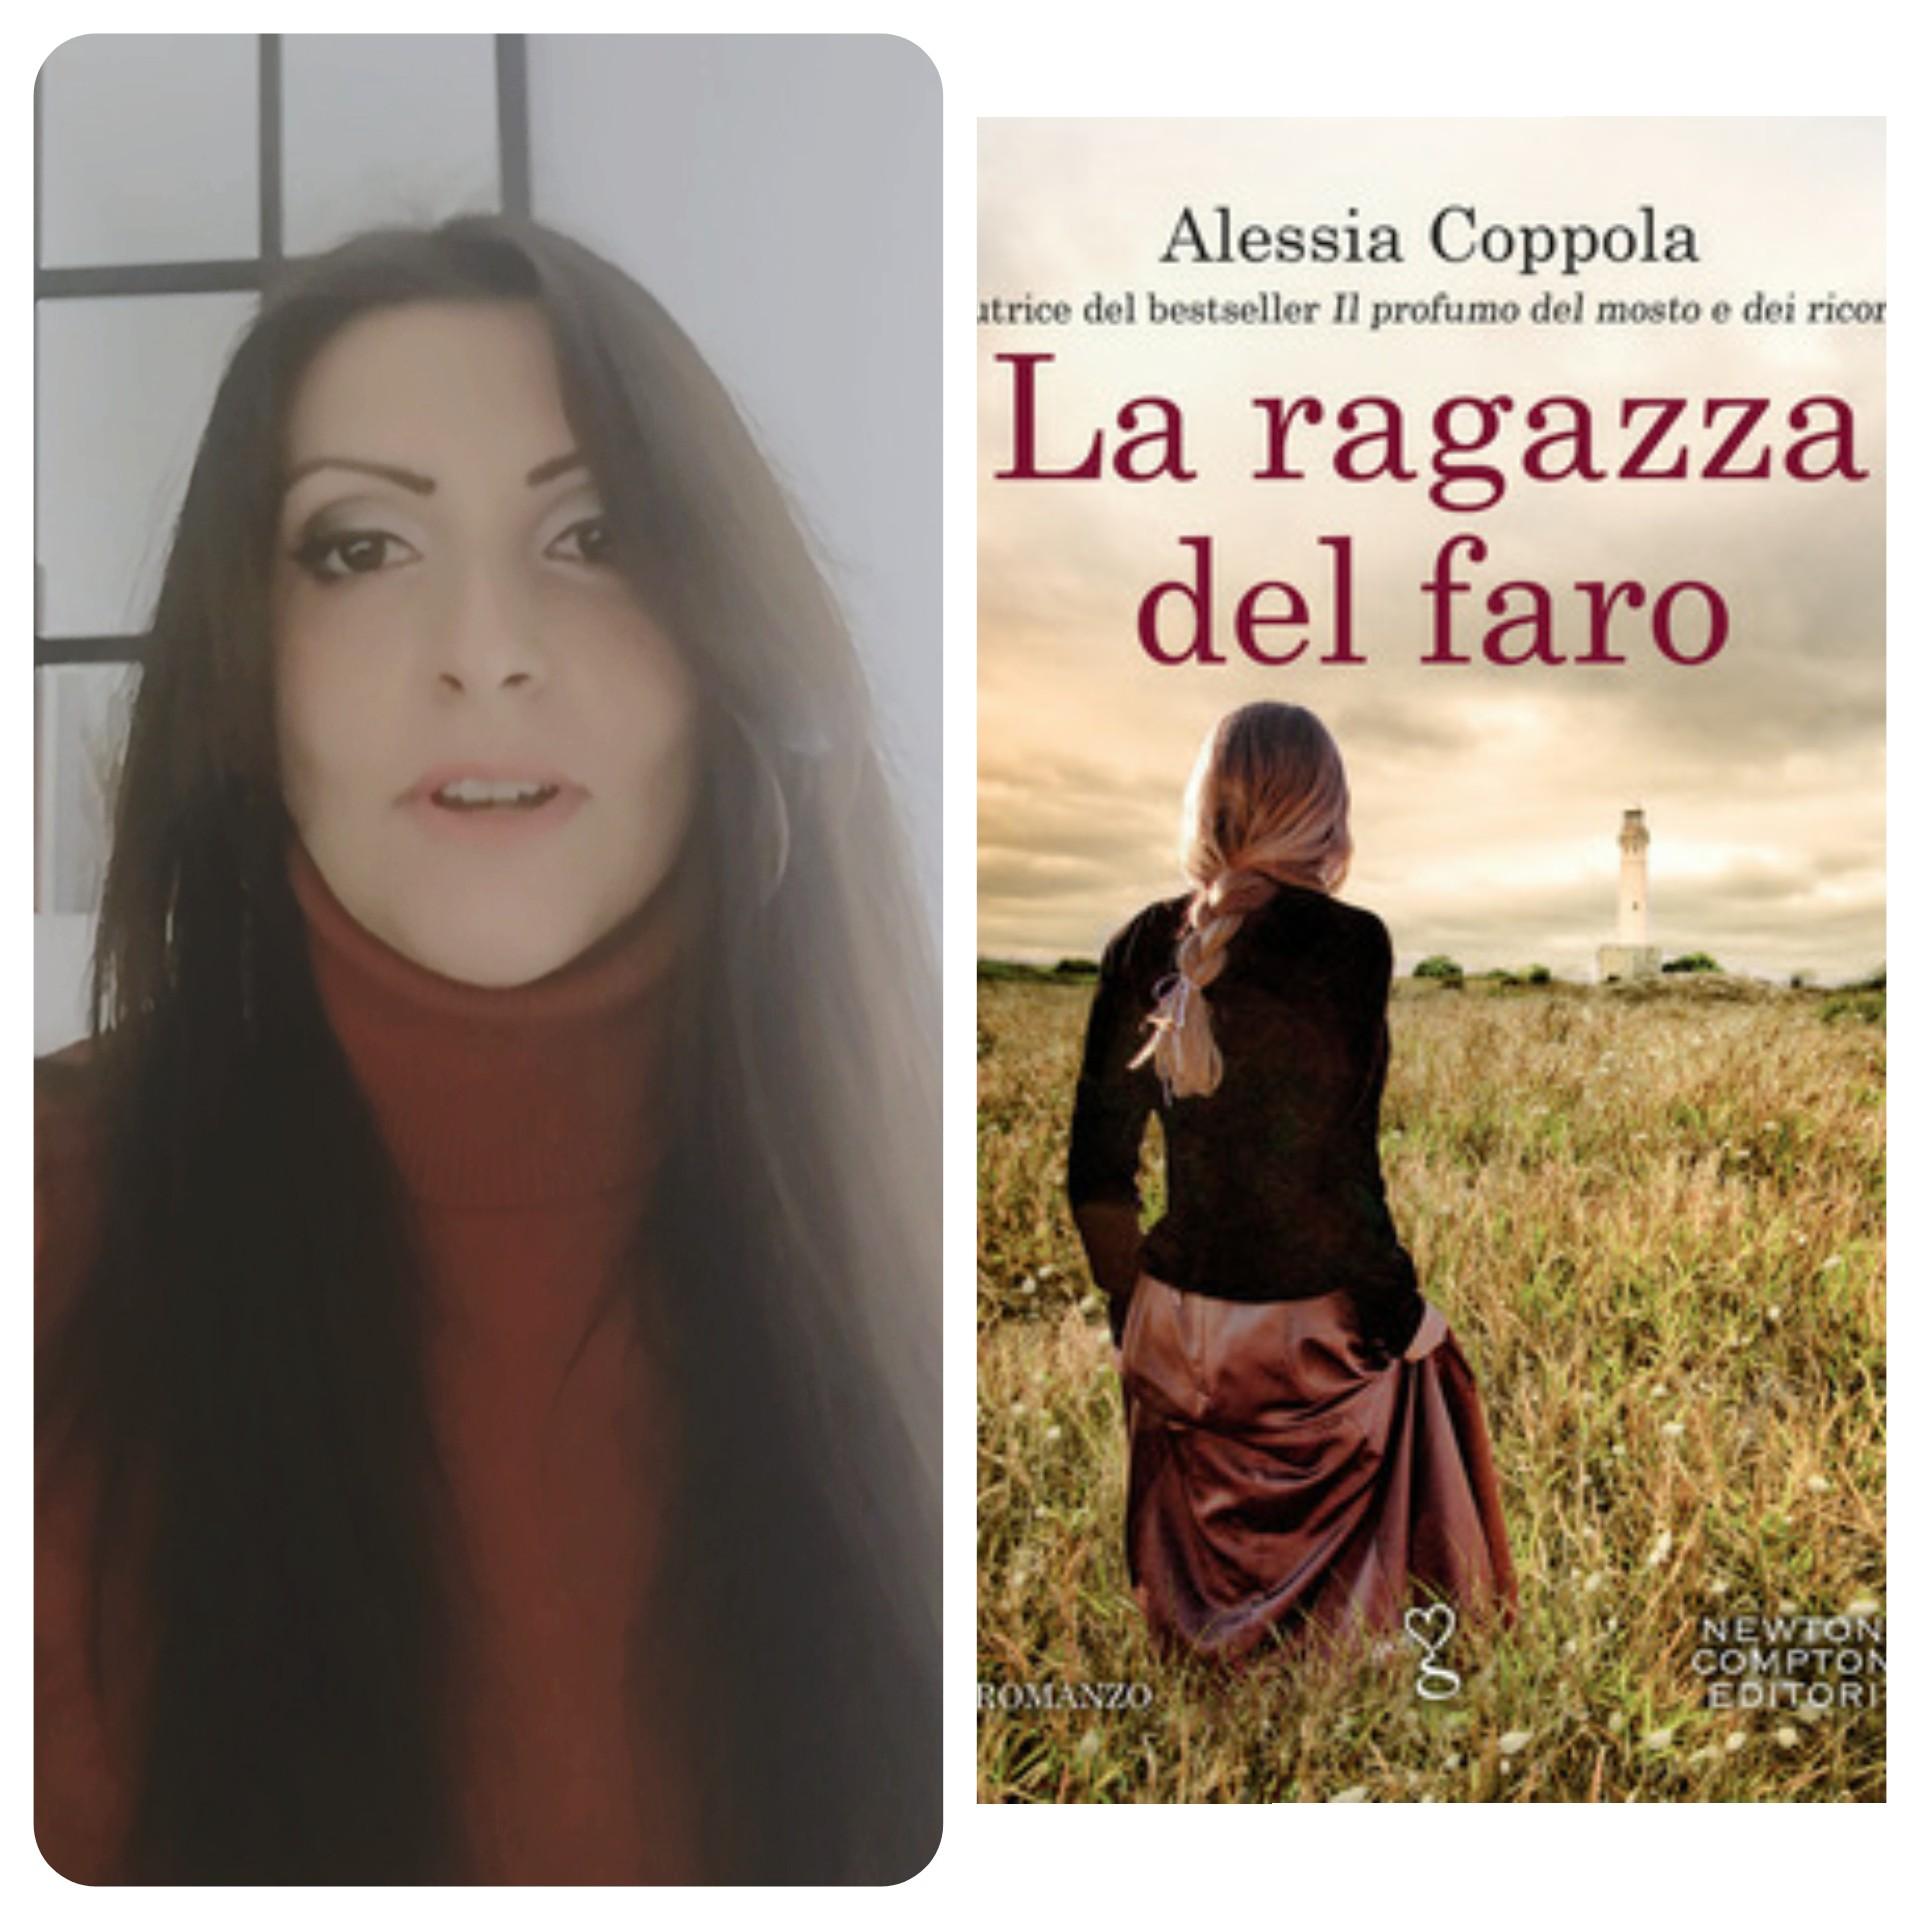 """""""Ve lo legge lo scrittore"""" con Alessia Coppola autrice del romanzo """"La ragazza del faro"""" edito da Newton Compton"""